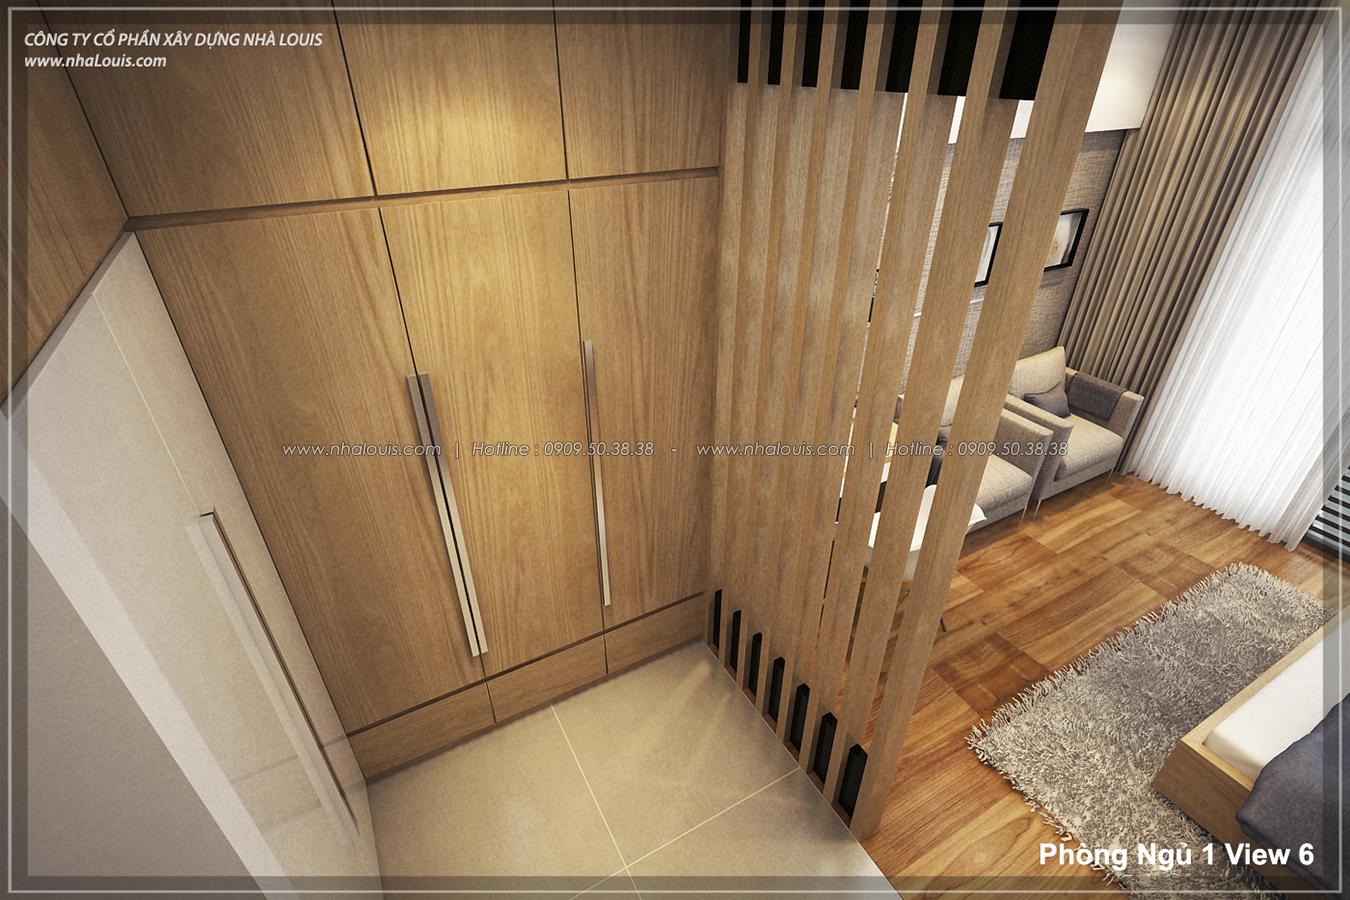 Thiết kế nhà lệch tầng hiện đại mặt tiền 4.5m x 14.5m tại quận Tân Bình - 17